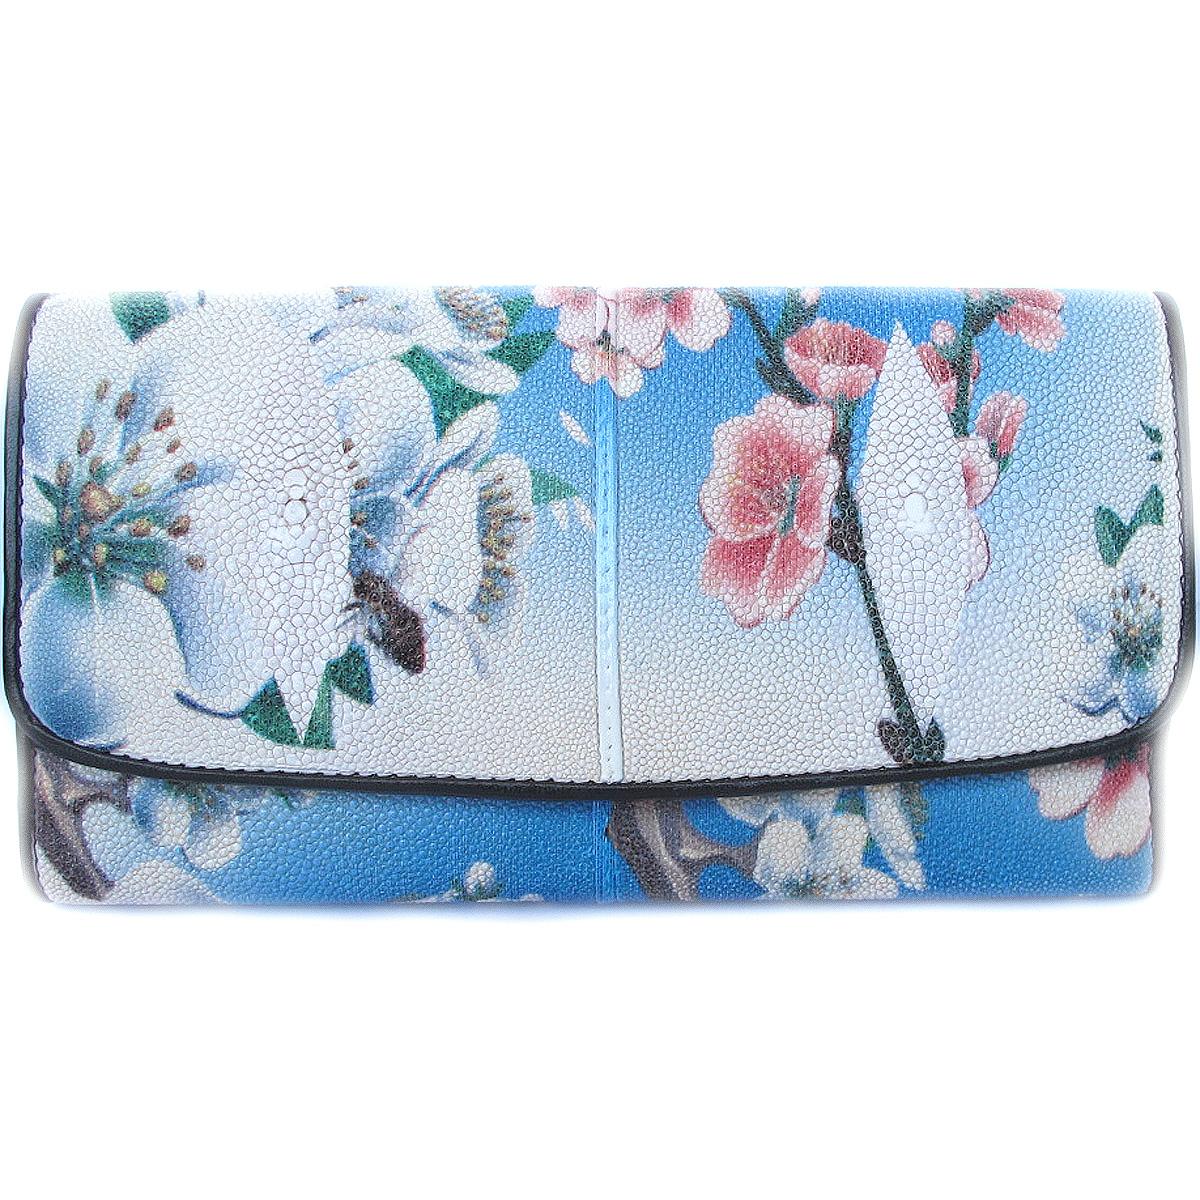 กระเป๋าสตางค์ปลากระเบน แบบ 3 พับ เม็ดใหญ่ ลาย ดอกไม้ และธรรมชาติ คุ้มค่า เพราะมีช่องใส่บัตรต่างๆ หลายช่อง Line id : 0853457150